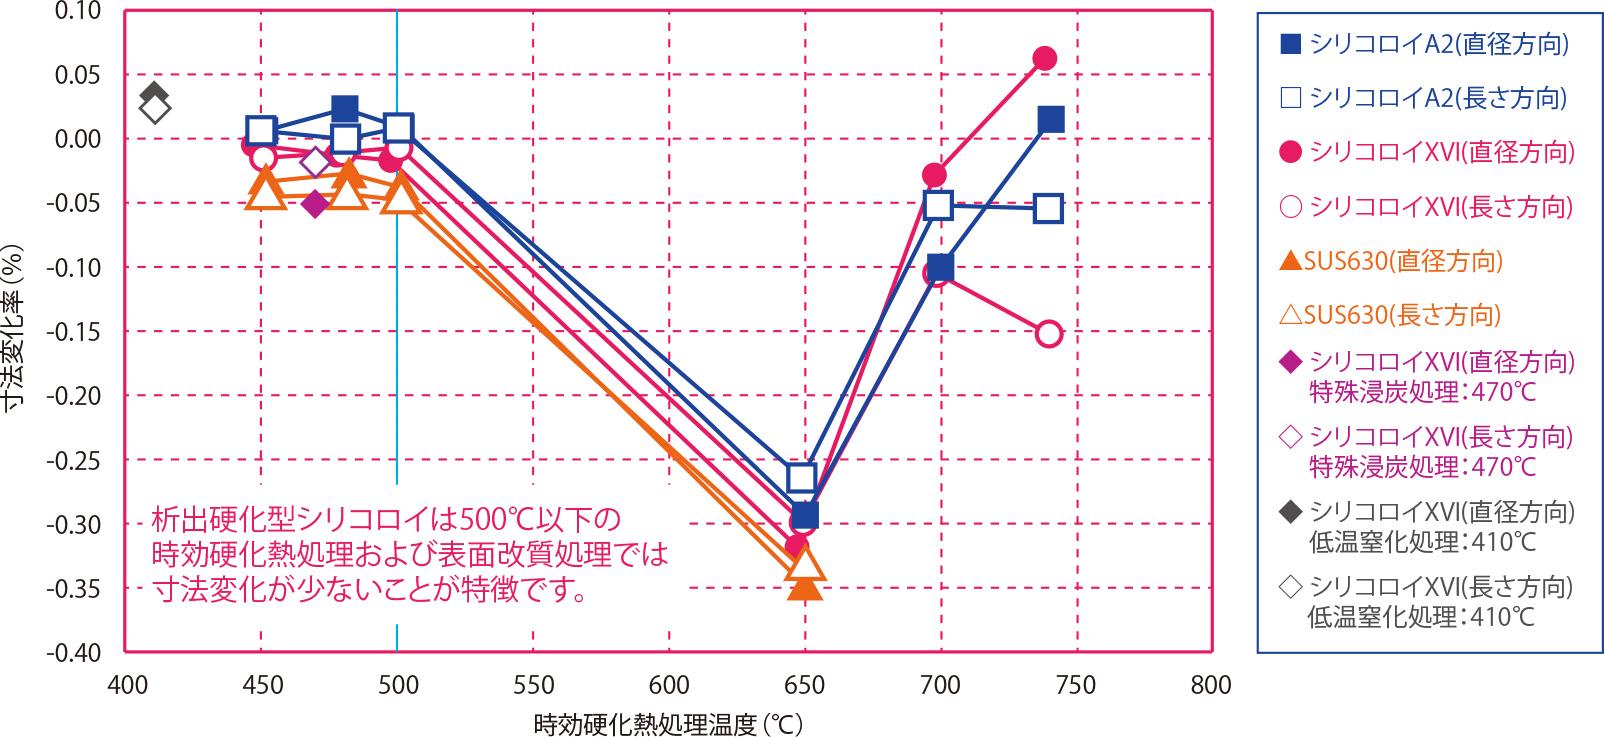 時効硬化熱処理温度と寸法変化率の関係